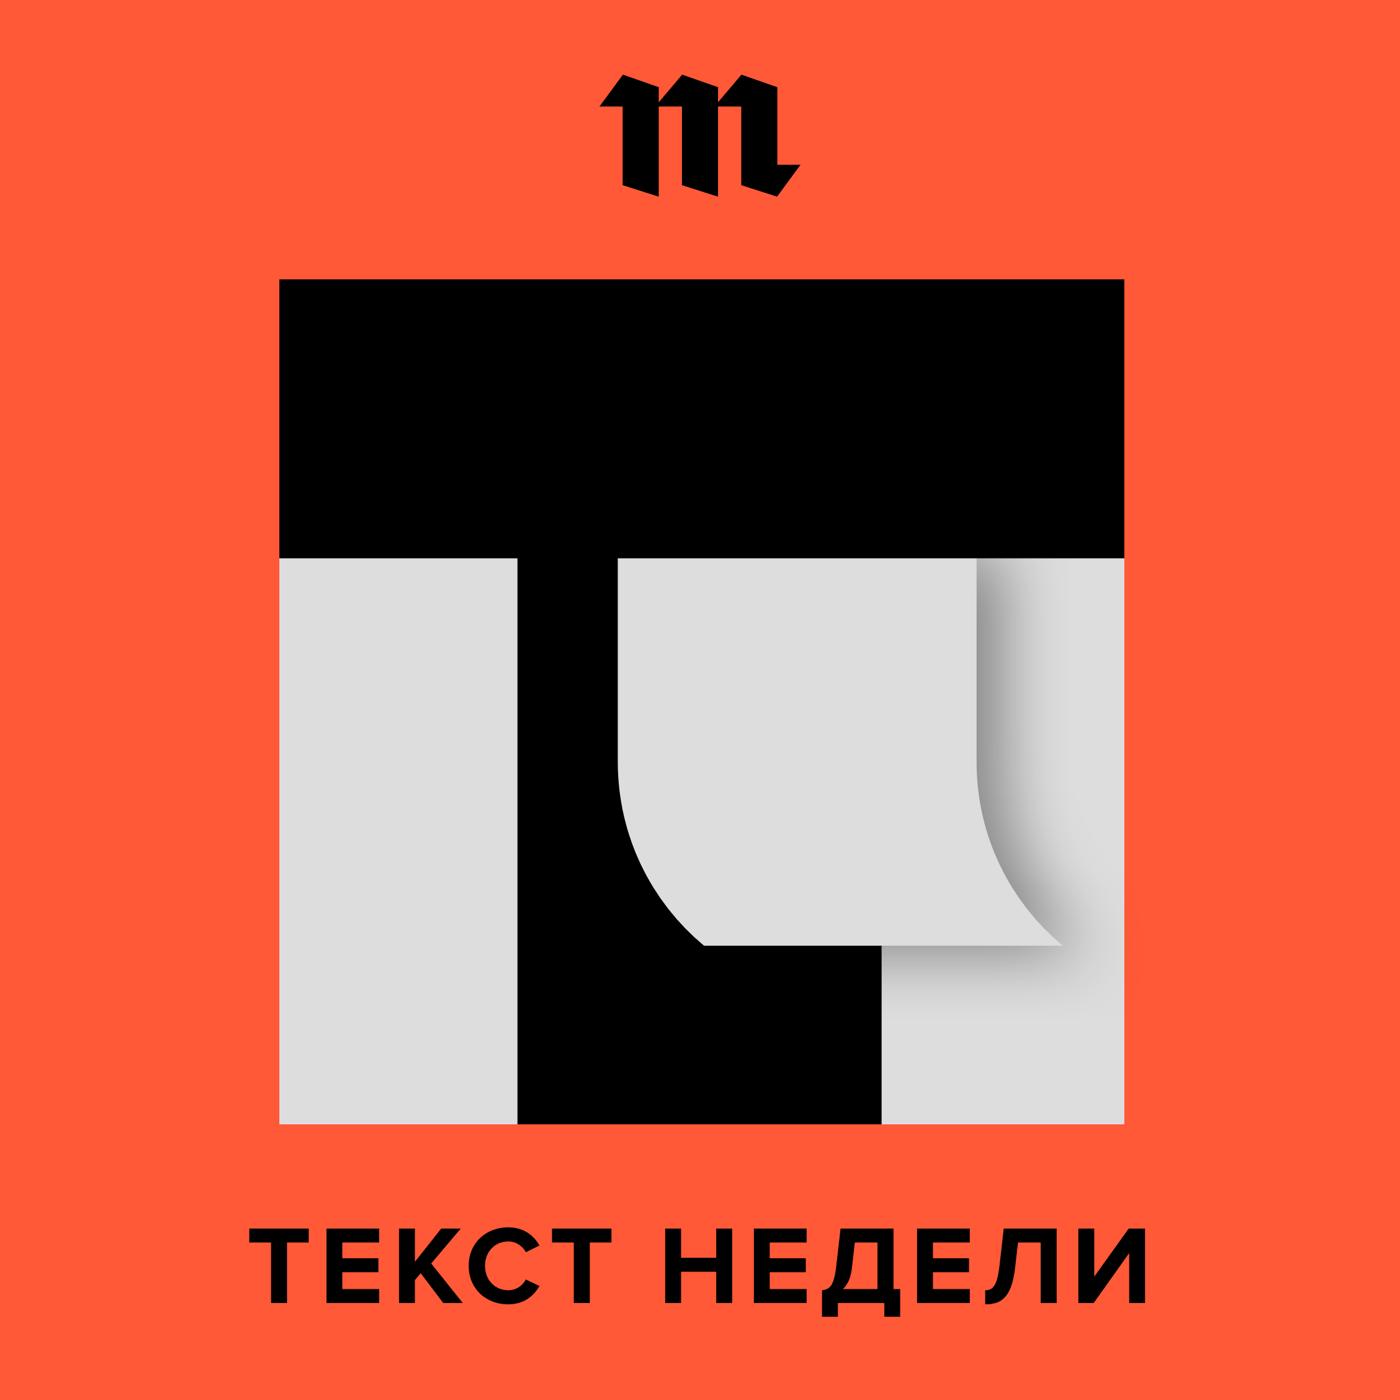 Сторонник «цифрового сталинизма». Что известно о новом главе Роскомнадзора Андрее Липове